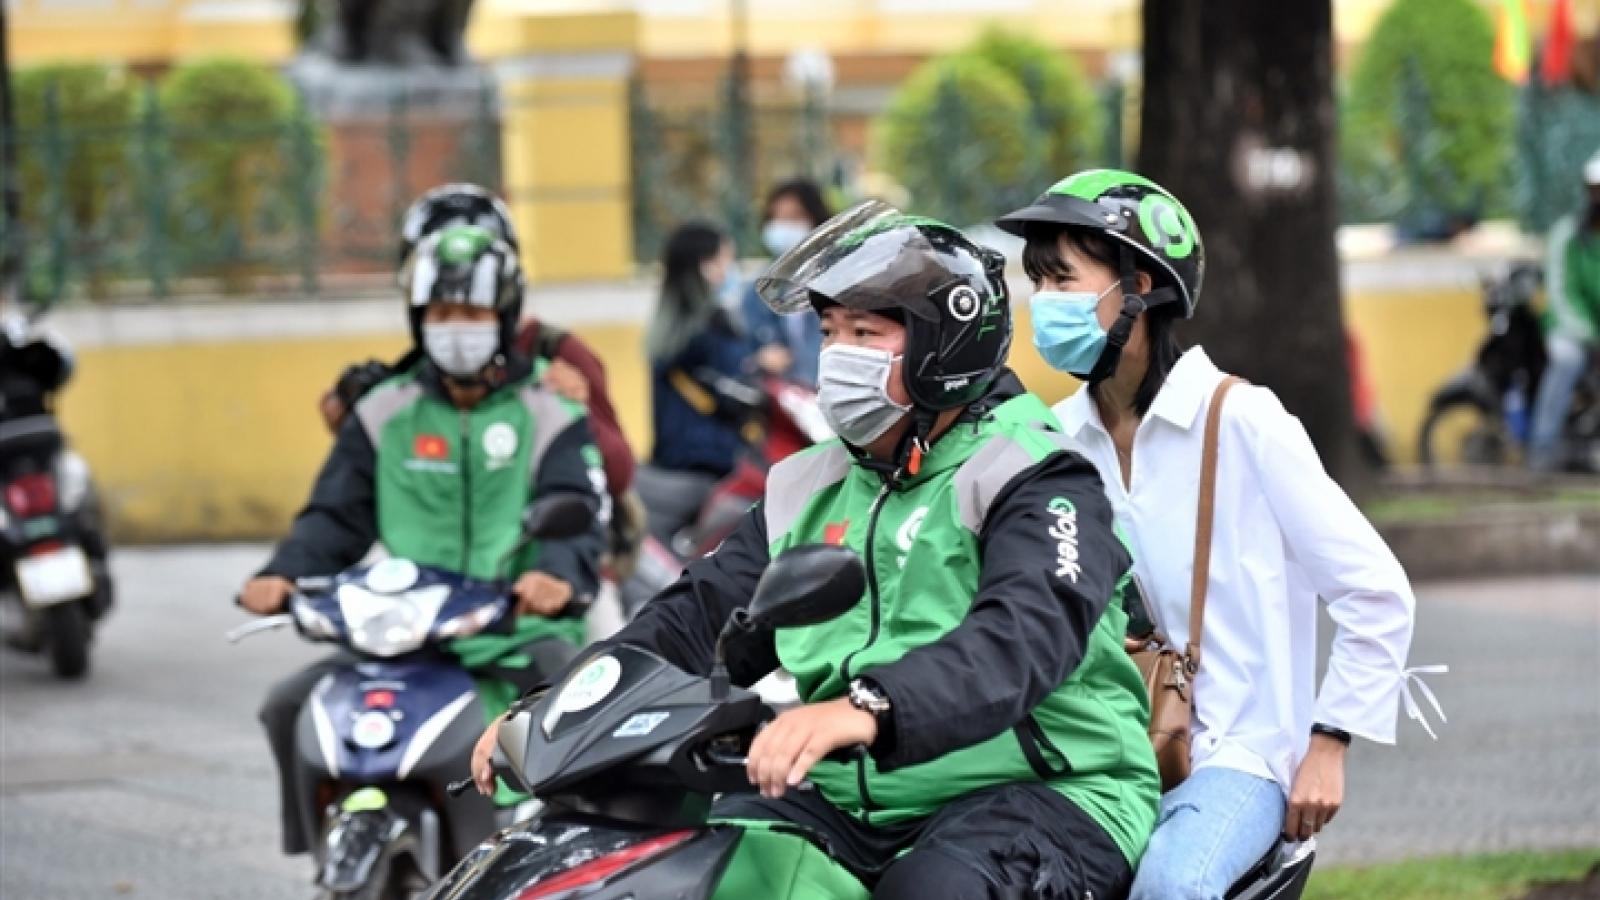 Hà Nội chính thức yêu cầu tạm dừng hoạt động của xe ôm công nghệ